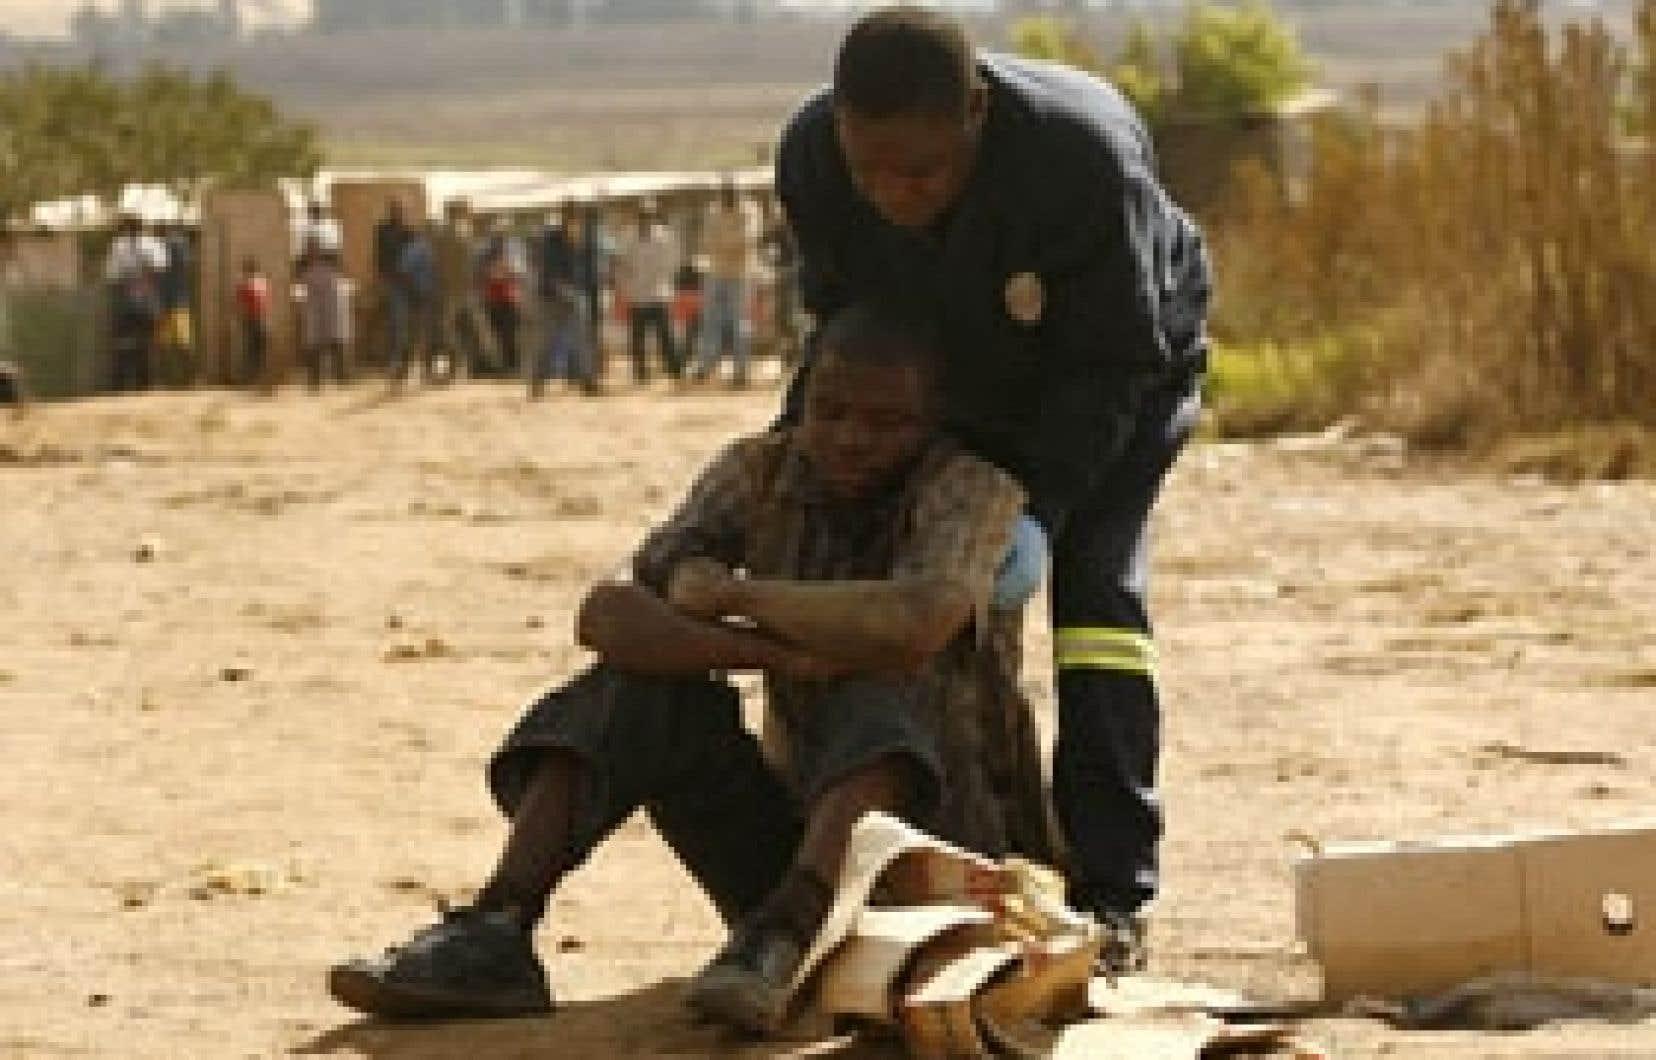 Ce policier a porté secours hier à un homme blessé au cours des violences à Johannesburg.